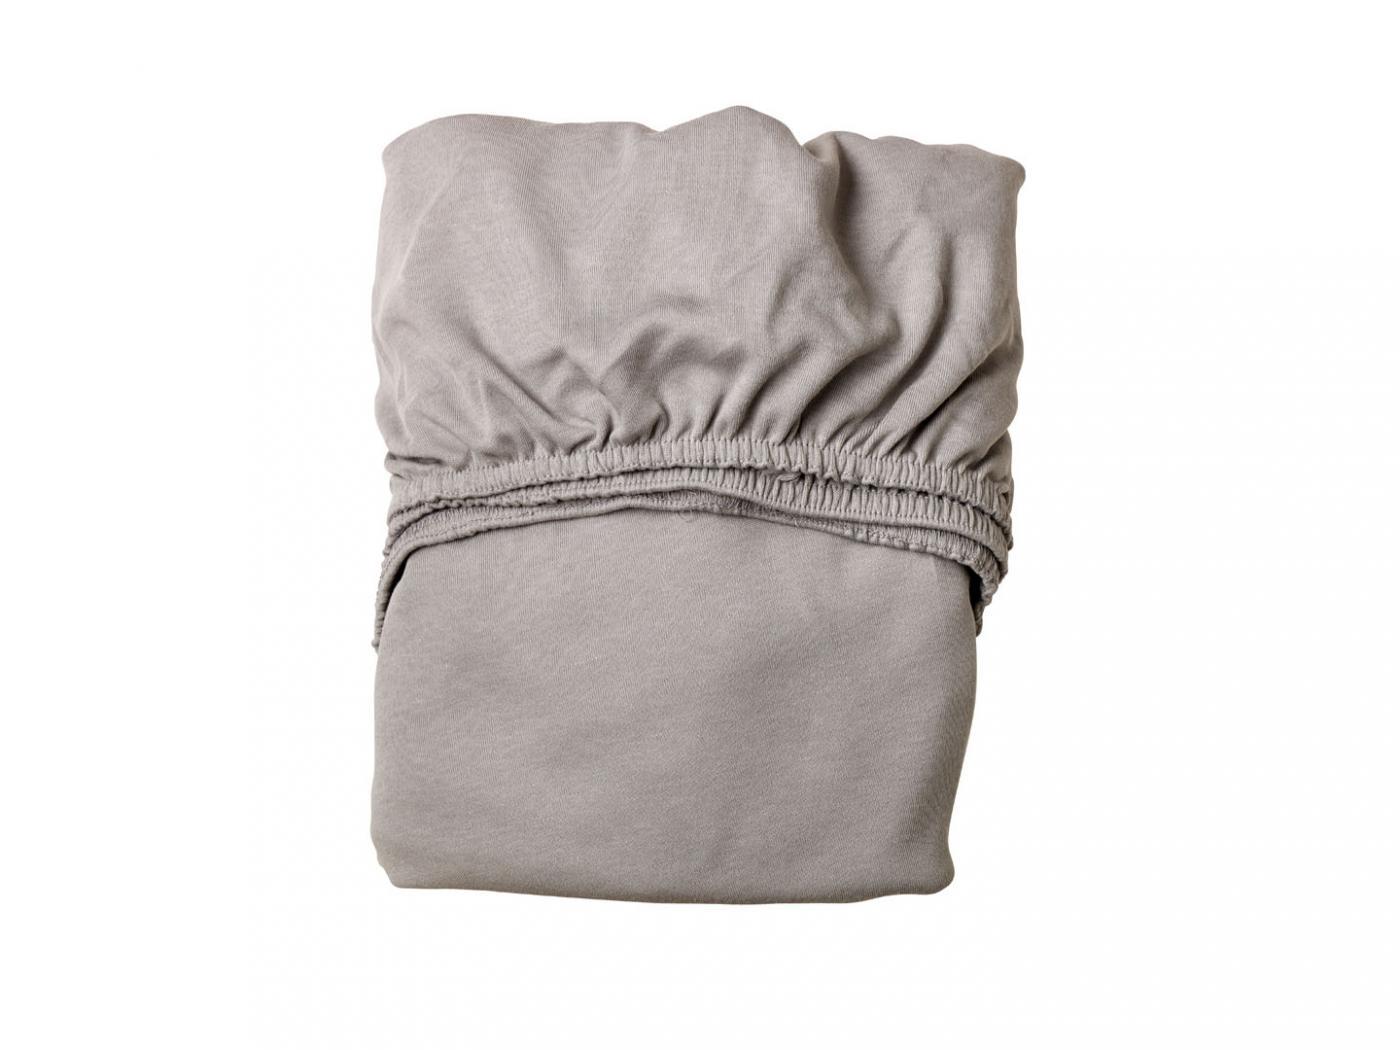 Leander draps housse b b gris clair pour lit b b volutif for Drap housse pour lit evolutif